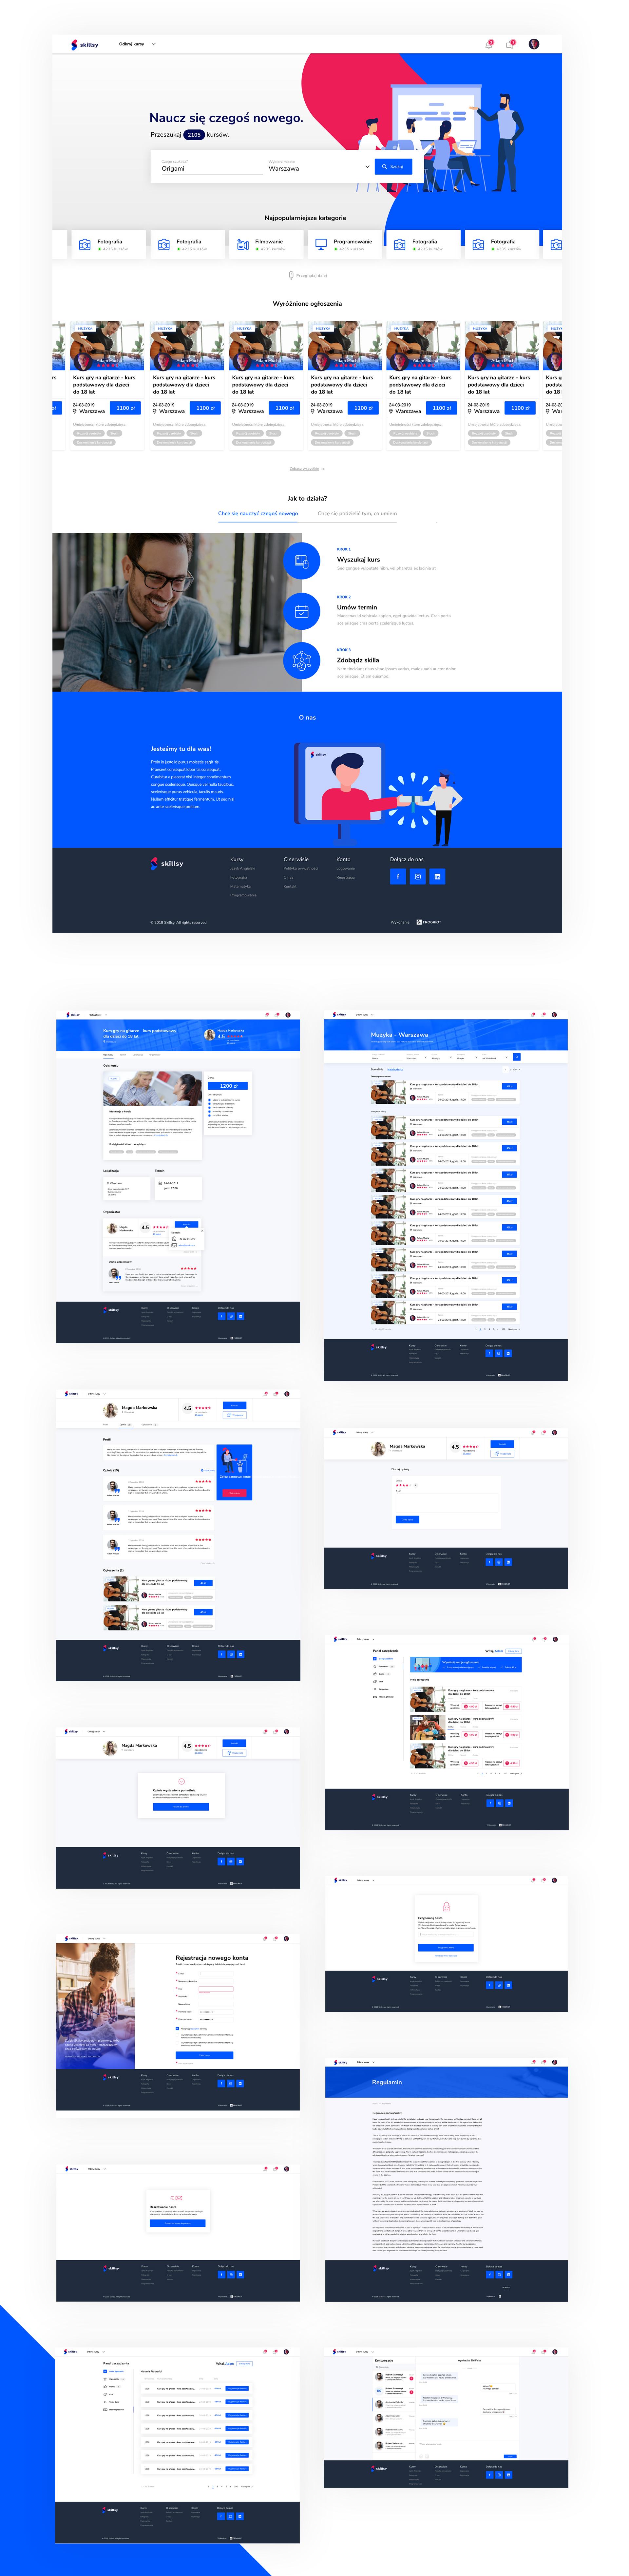 mockup widoku desktopowego platformy Skillsy, stworzonej przez agencję digitalową frogriot